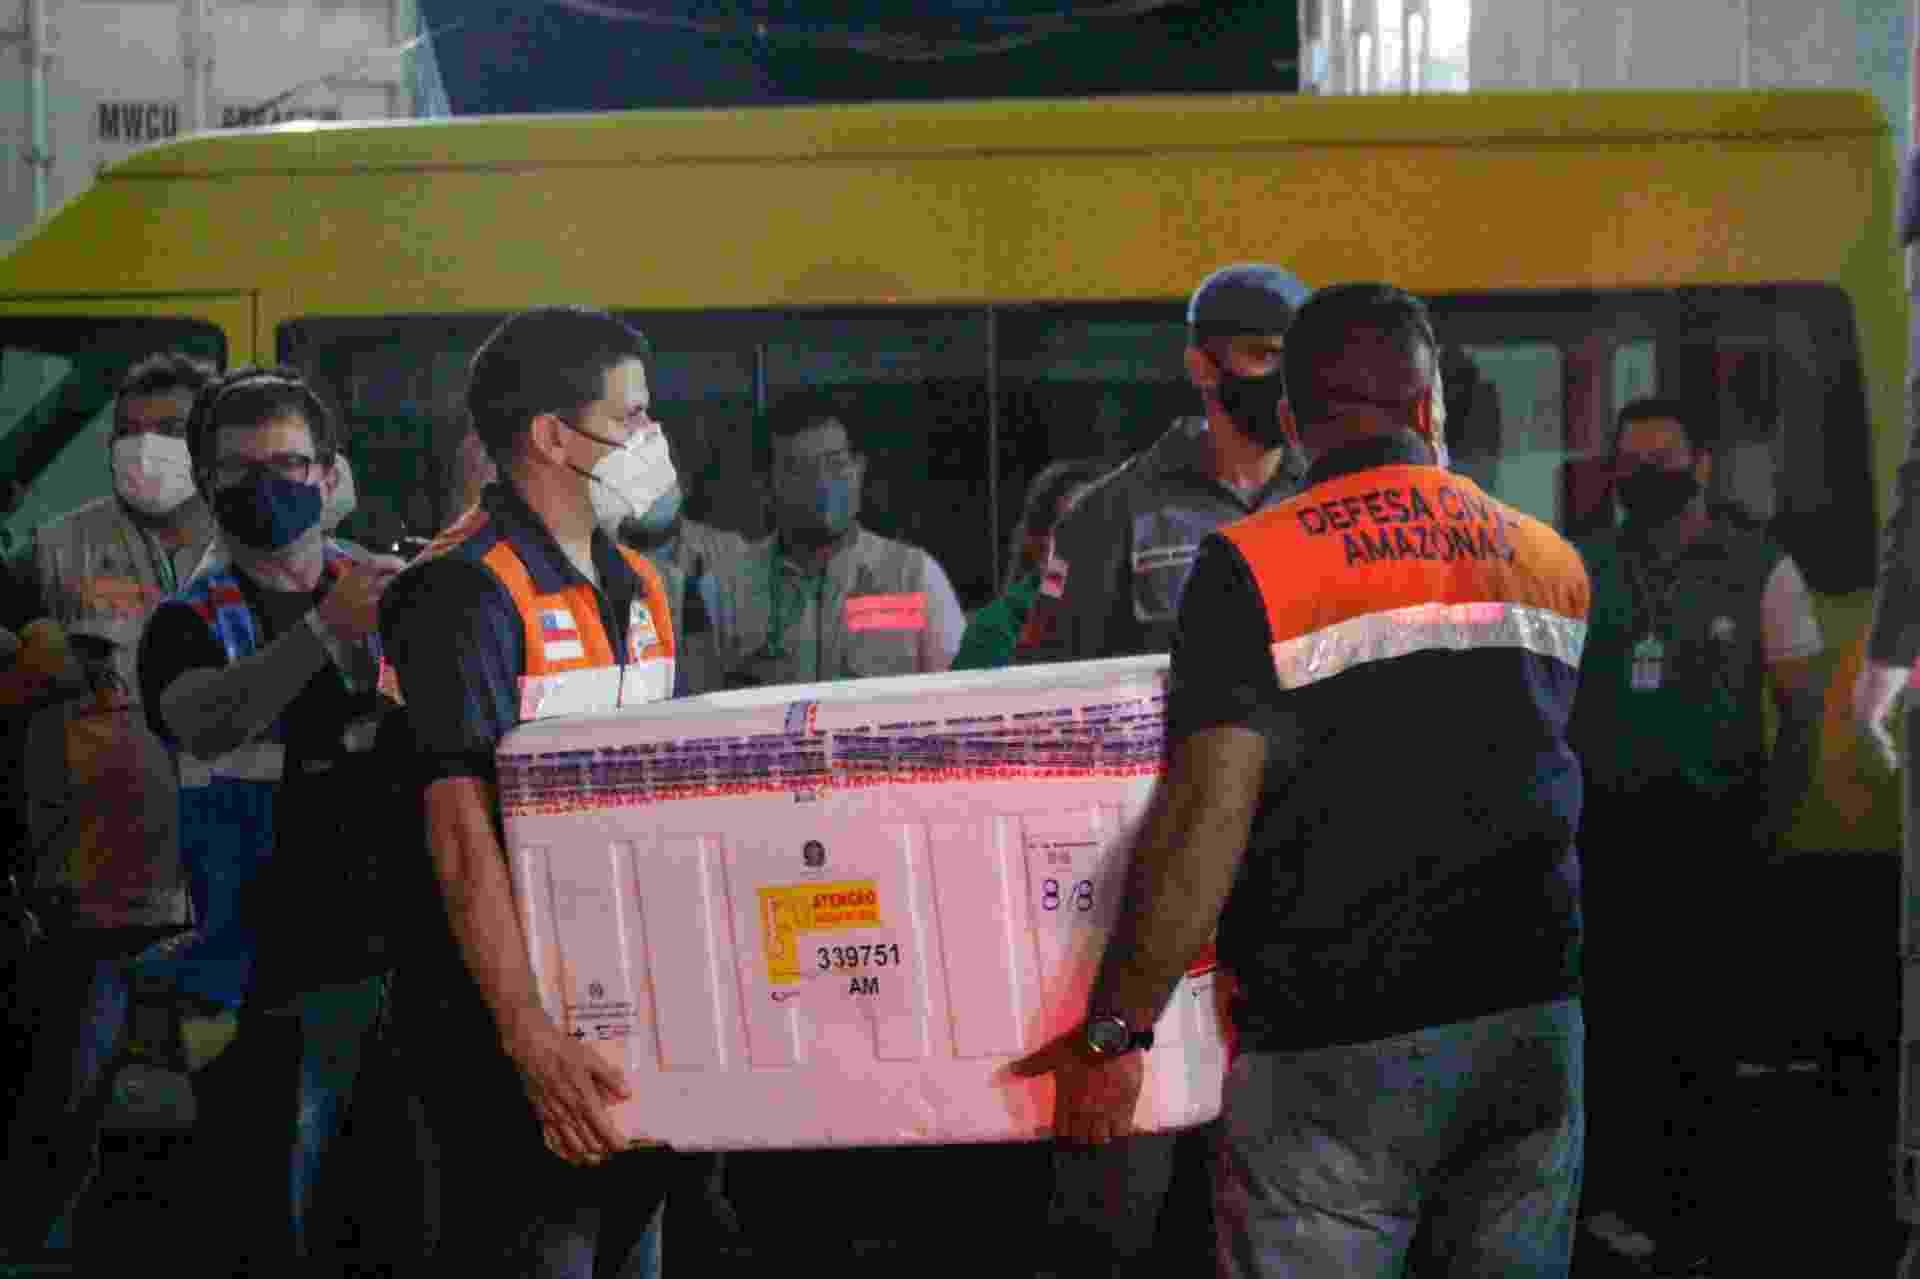 23.jan.2021 - Chegada das mais de 130 mil doses da vacina AstraZeneca/Oxford a Manaus, no Aeroporto Internacional Eduardo Gomes. As caixas com as vacinas foram levadas para a sede da FVS-AM (Fundação de Vigilância em Saúde) - SANDRO PEREIRA/FOTOARENA/ESTADÃO CONTEÚDO